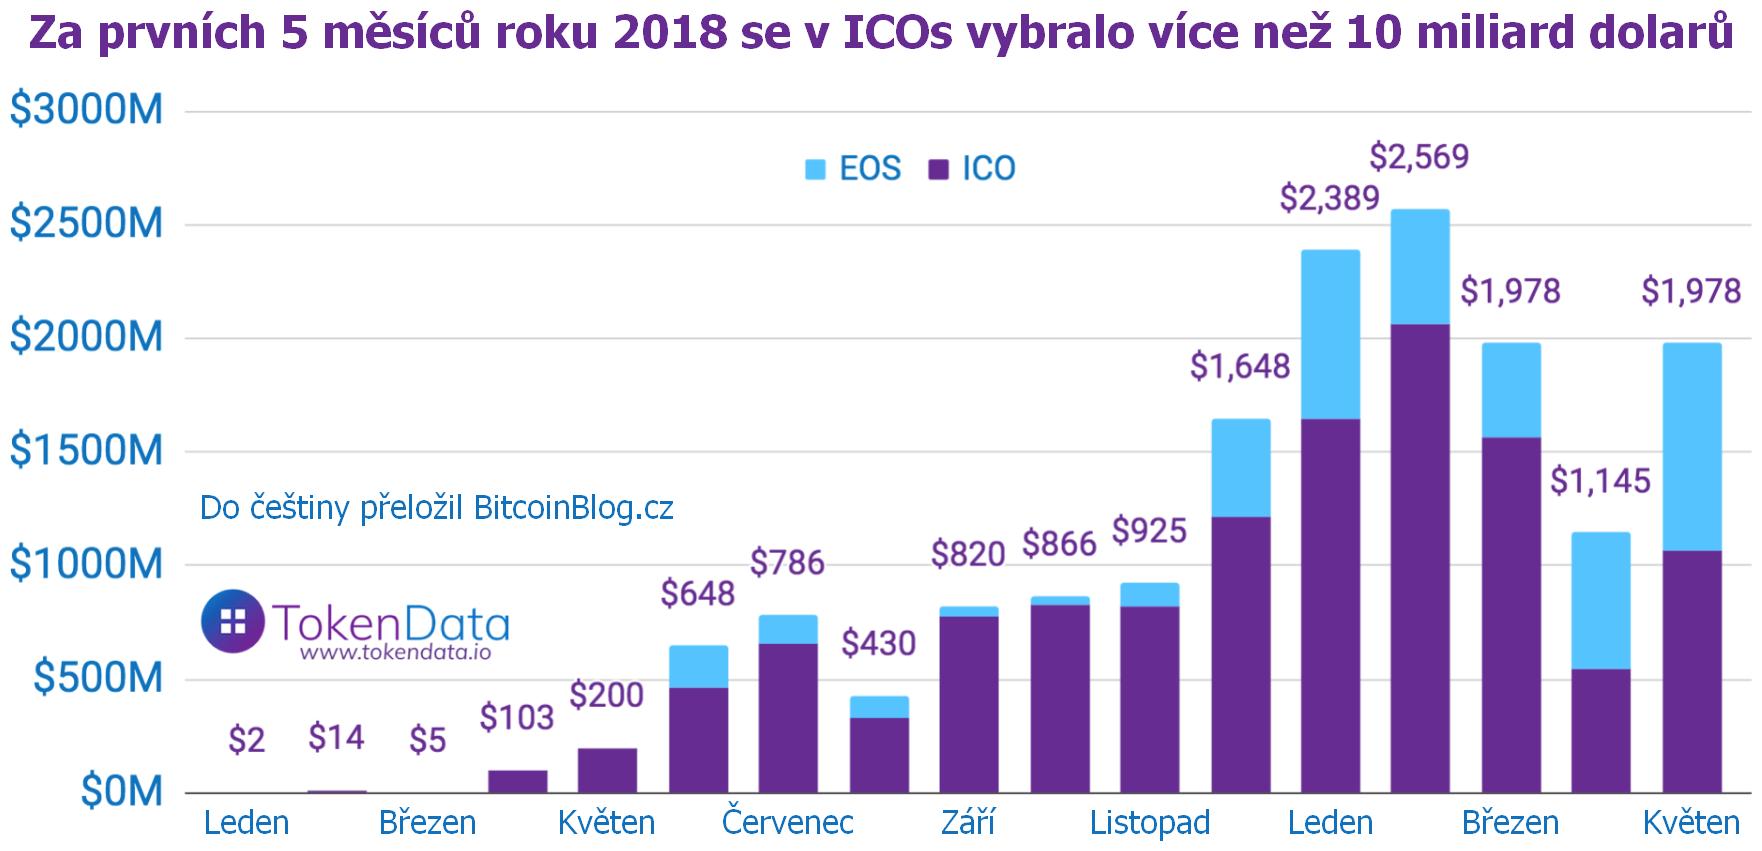 ICOs v roce 2018: Za prvních 5 měsíců se vybralo více než 10 miliard dolarů (květnový sloupcový diagram)